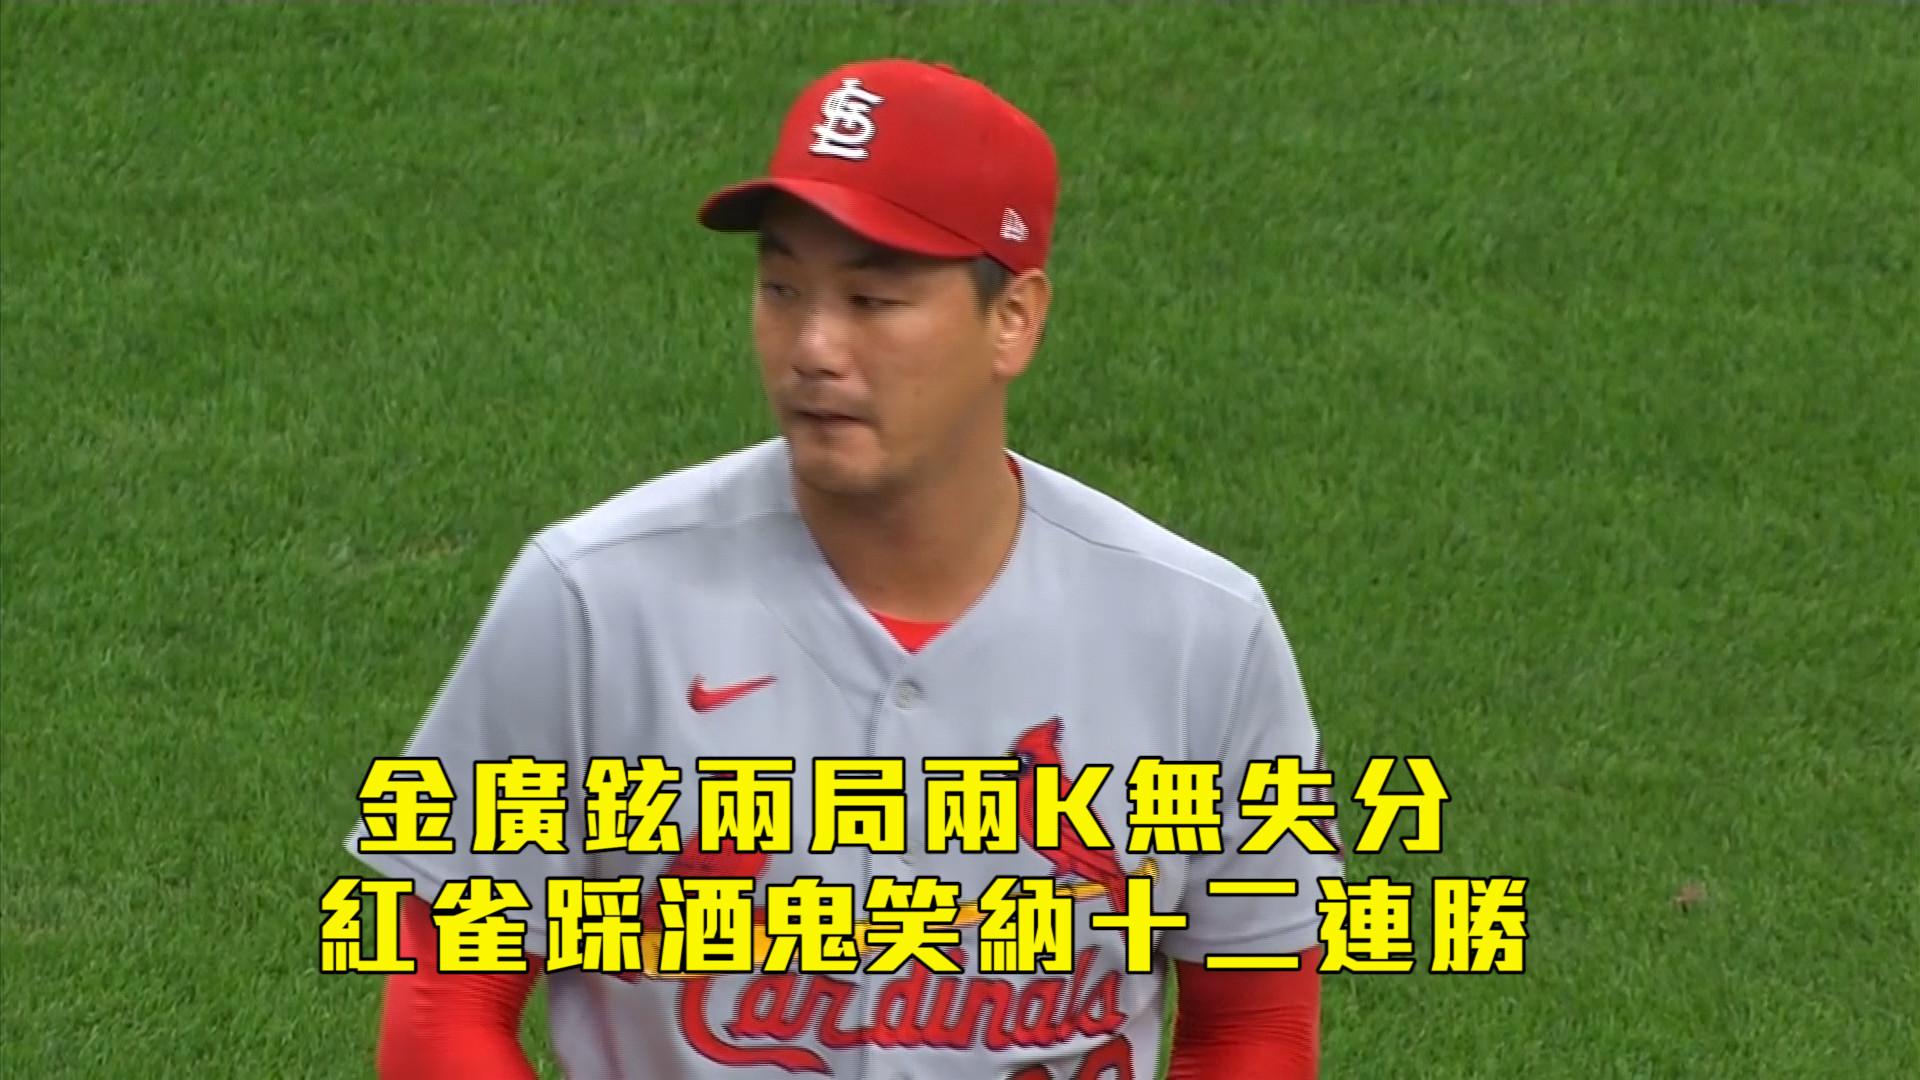 【MLB看愛爾達】金廣鉉兩局無失分 紅雀喜收12連勝 9/24